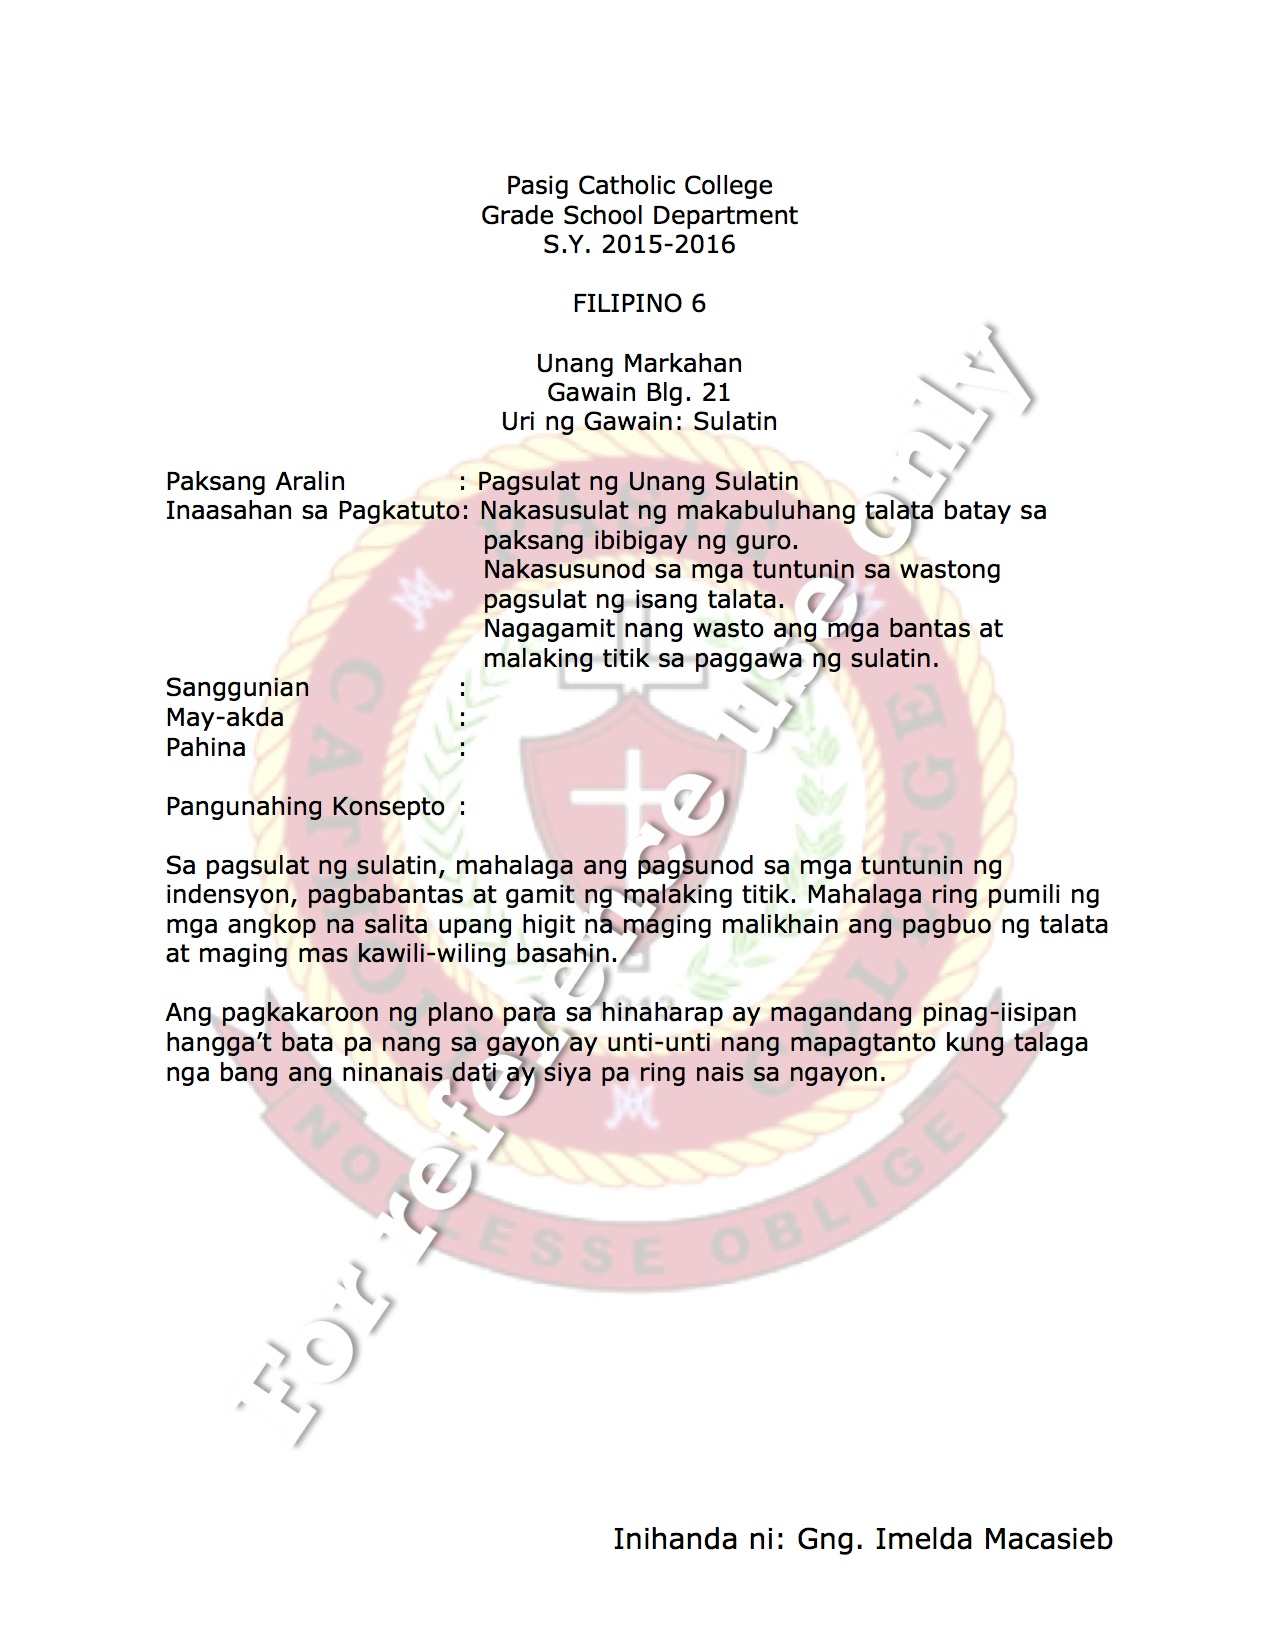 Mga Bantas Worksheet Grade 6